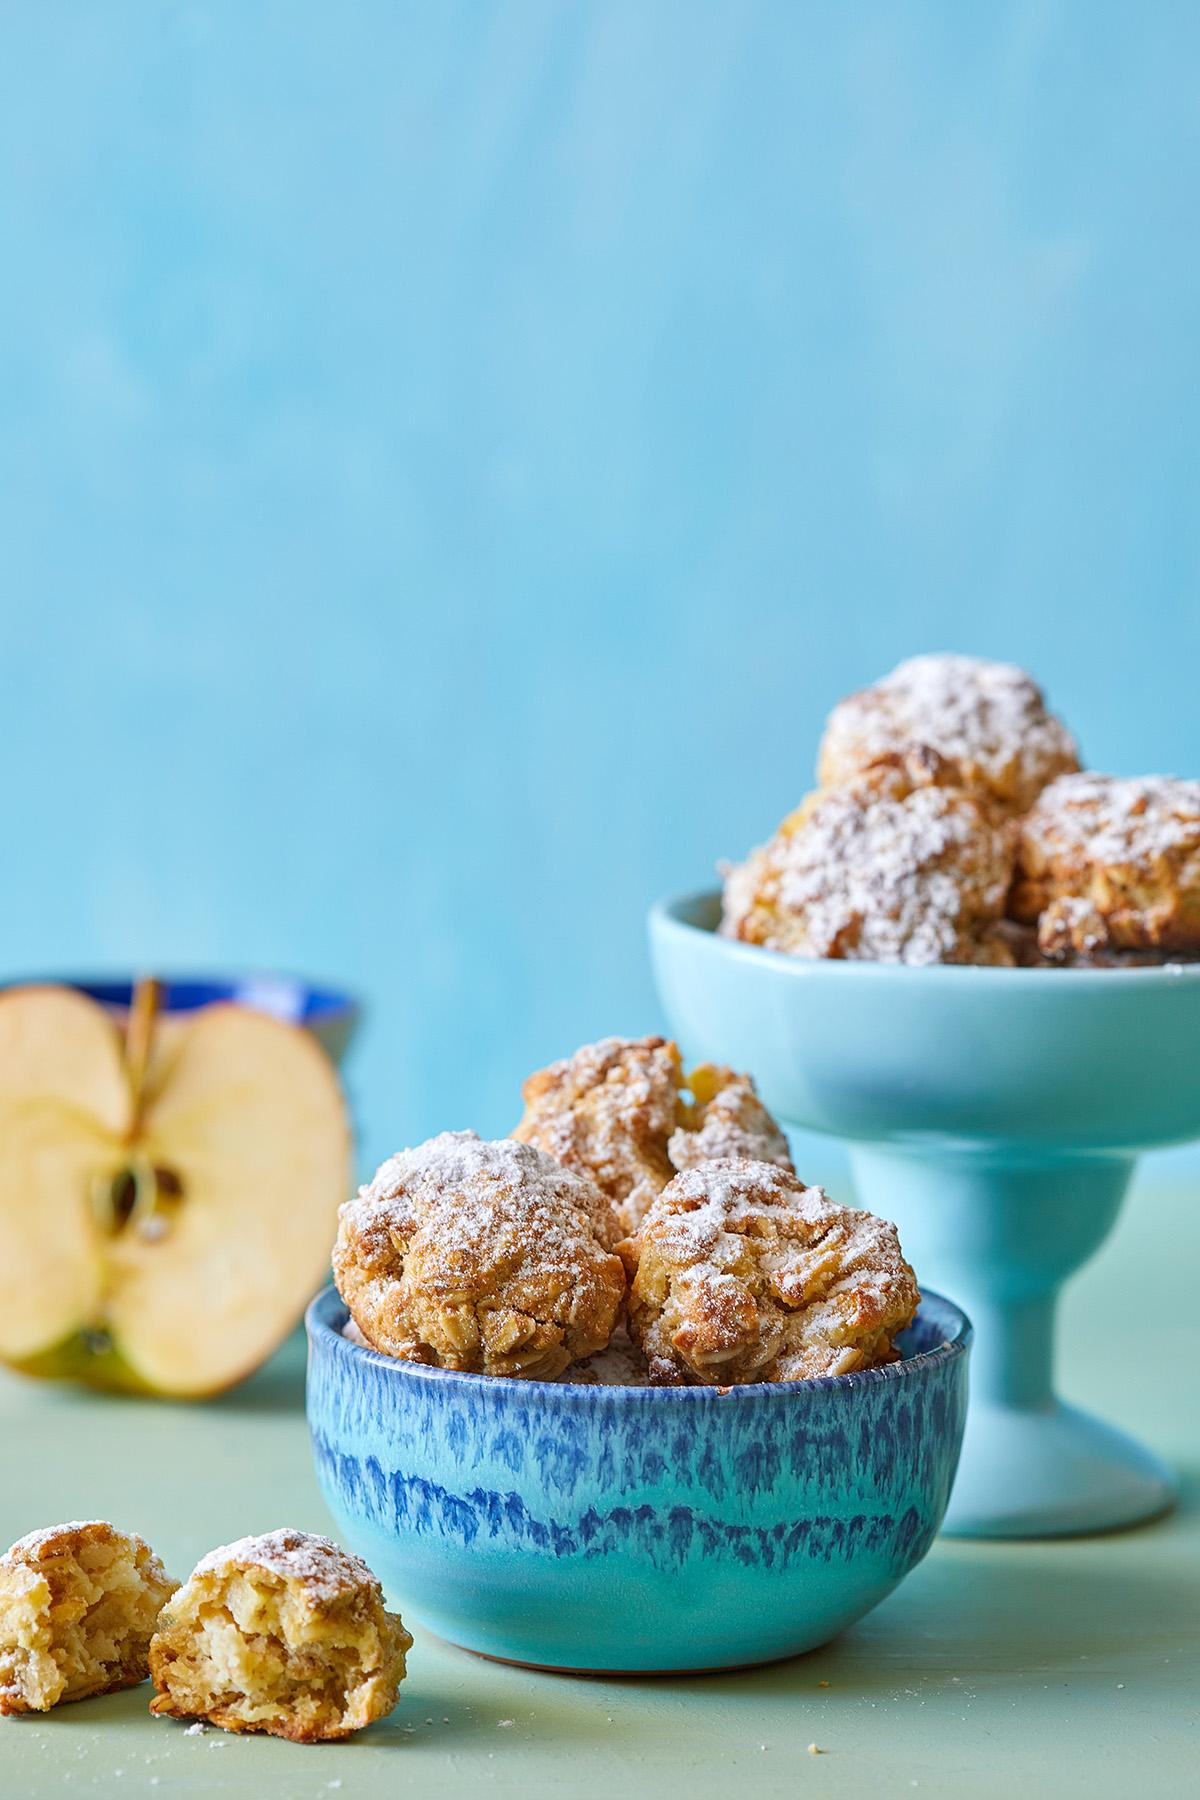 עוגיות שיבולת שועל ותפוחים. צילום: טל סיון צפורין